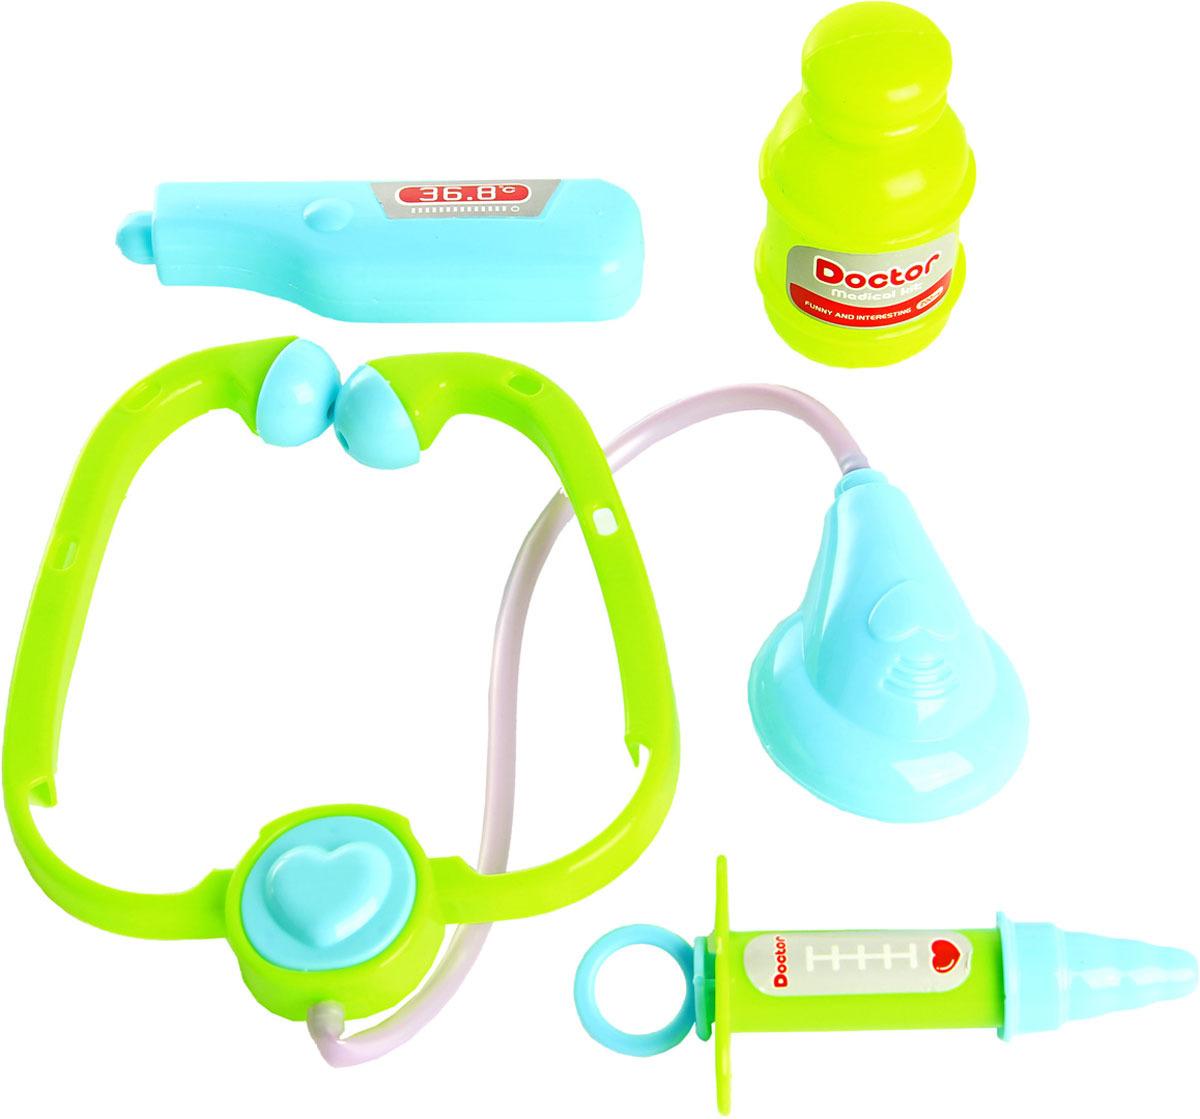 Сюжетно-ролевая игрушка Veld Co Набор доктора в чемодане. 59148 1206 150k 154 5